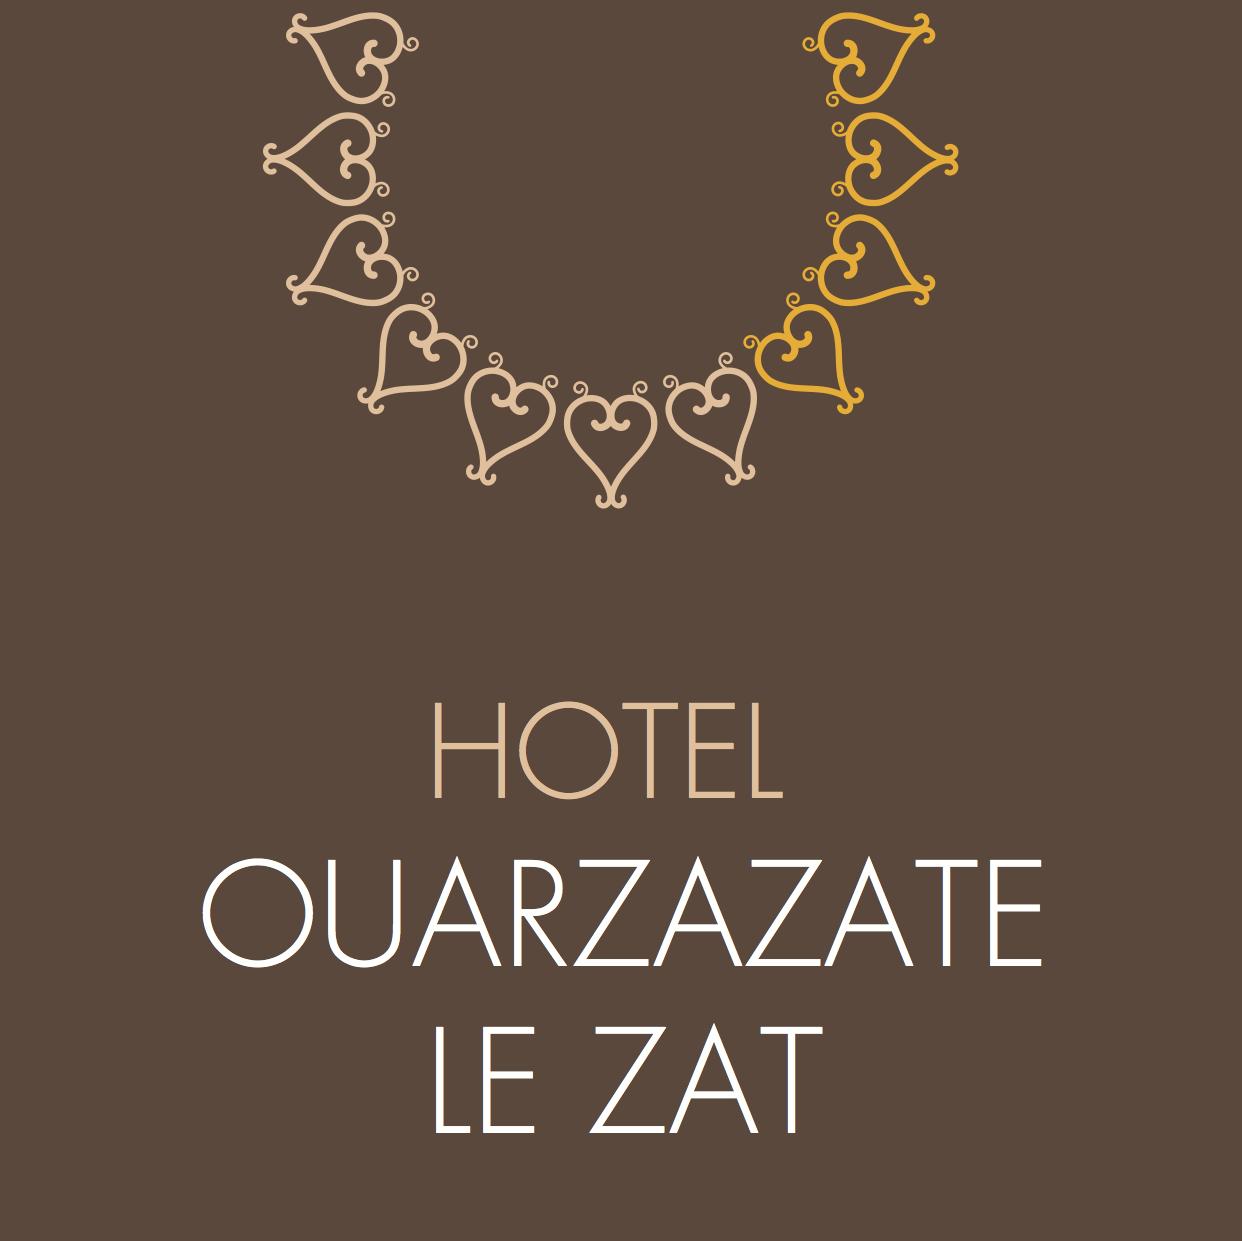 Ouarzazate Le Zat